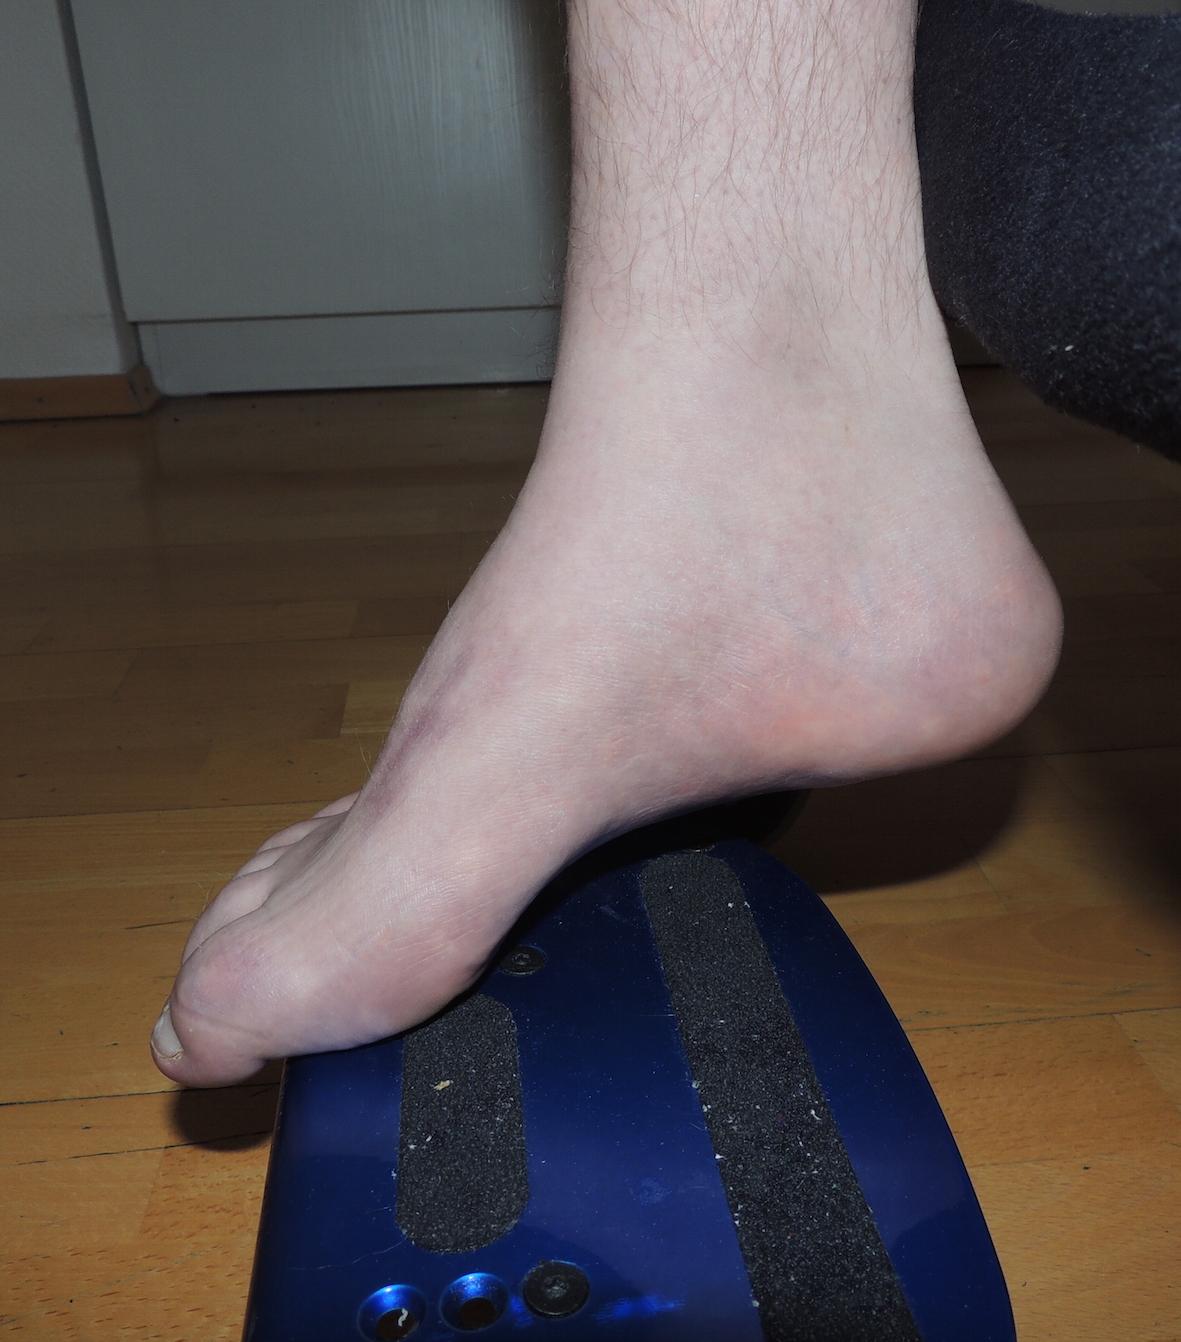 Spasticita nohy